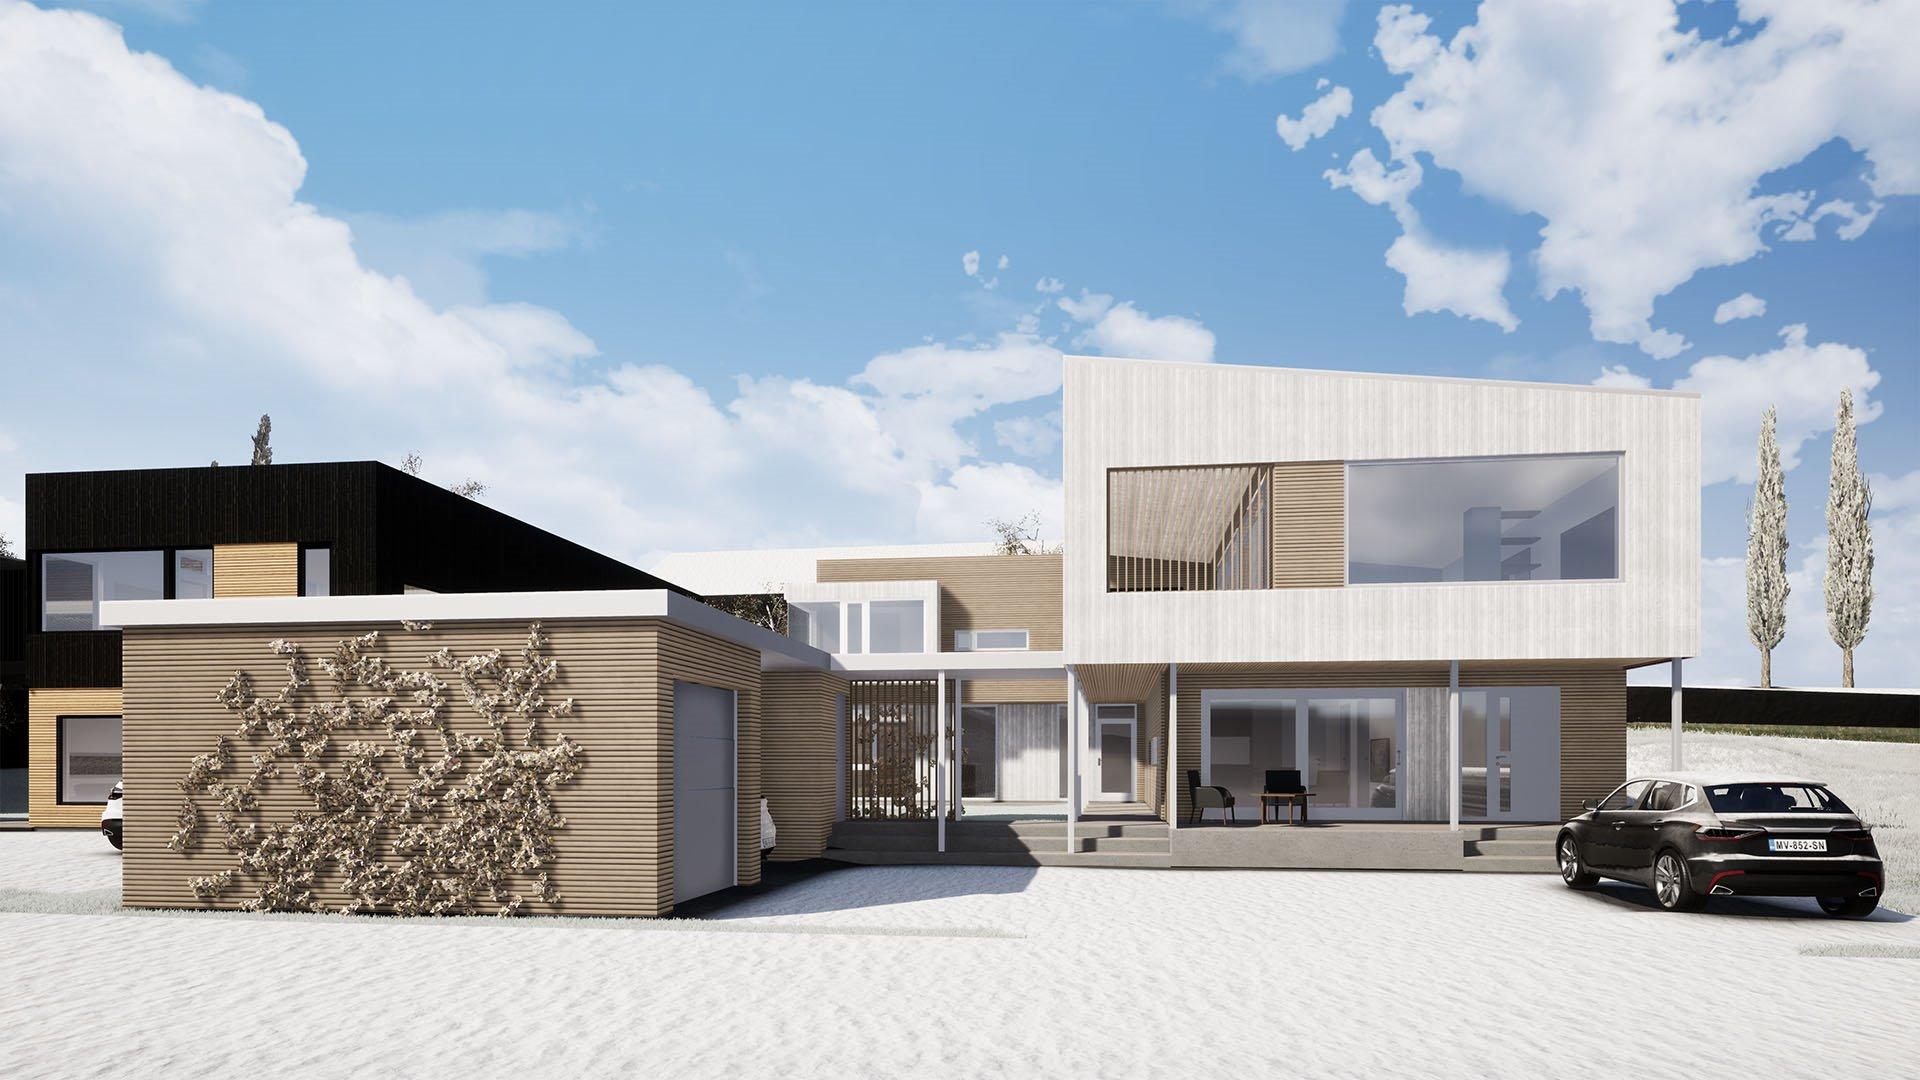 Bolig til inspirasjon, men det foreligger et krav om at boligen oppføres med et moderne uttrykk.